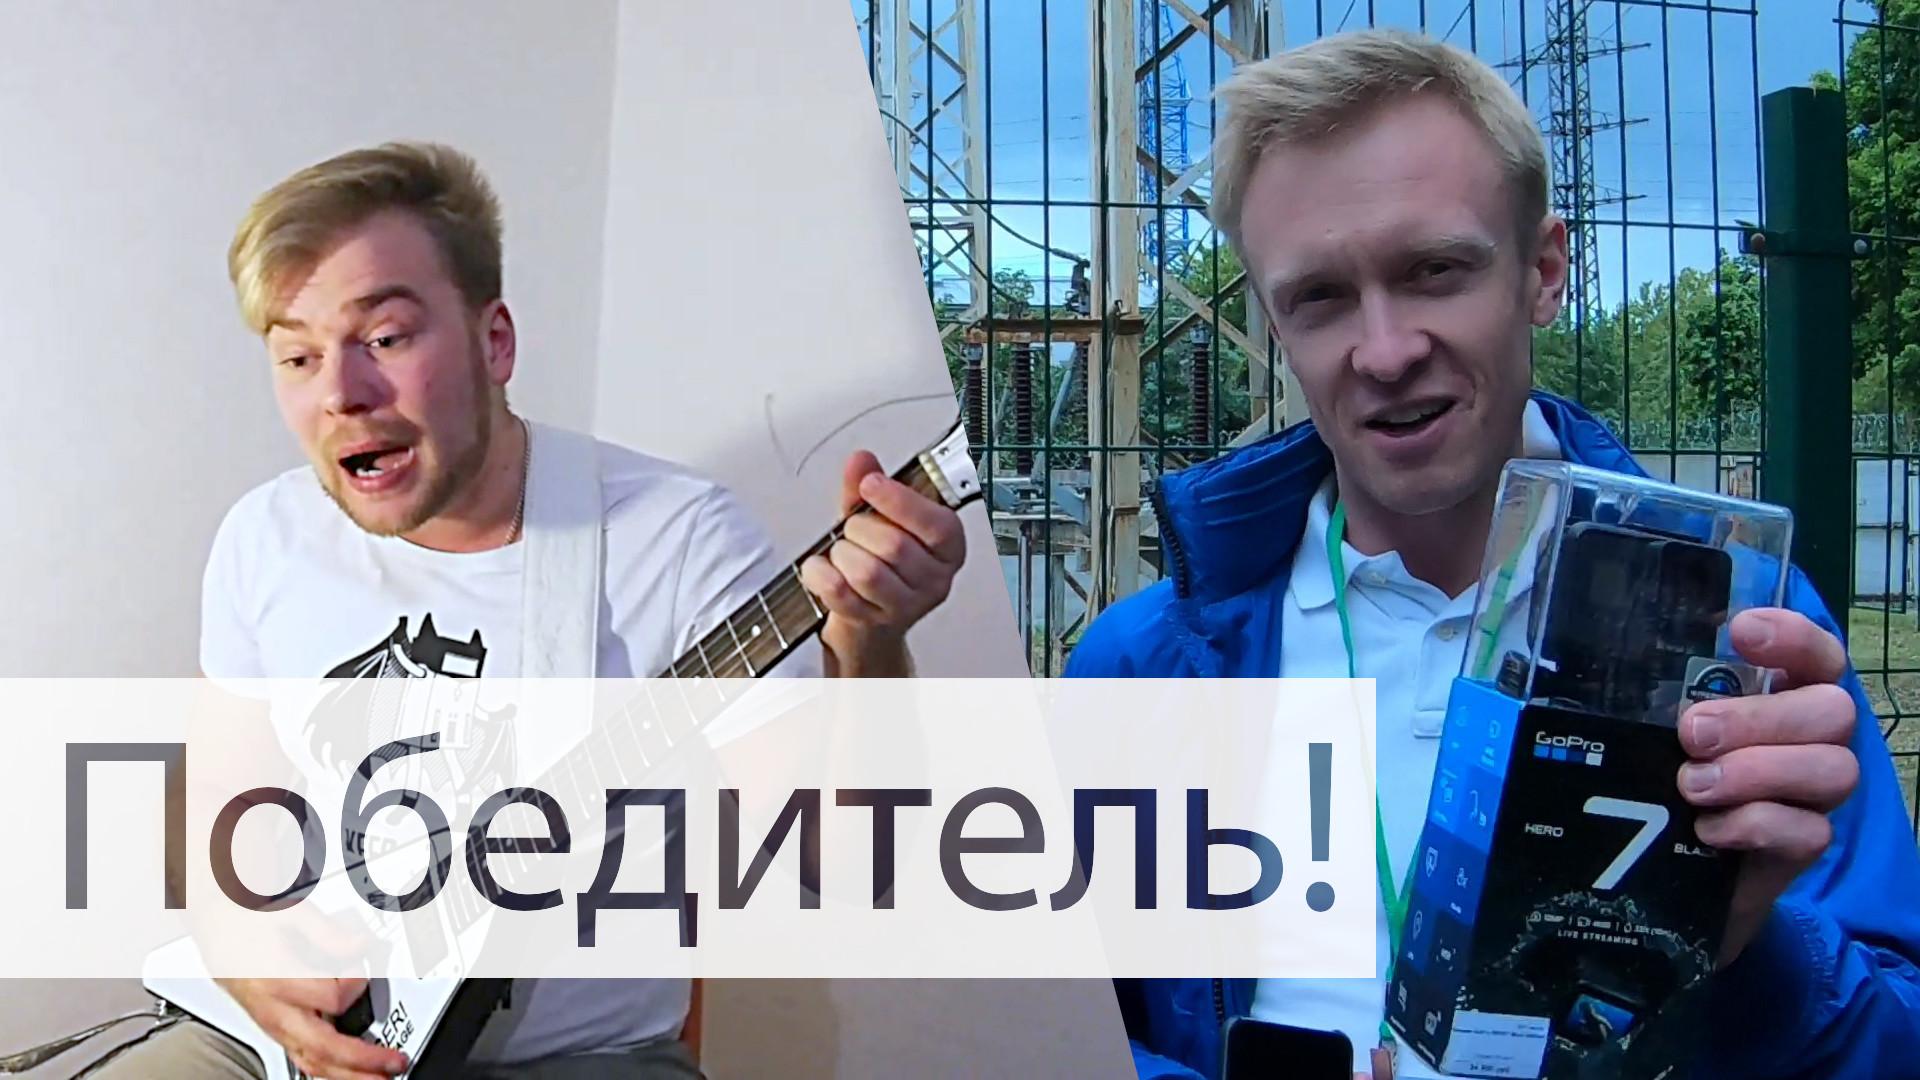 Победитель конкурса Большой энергетики получил GoPro 7 за песню про оптические трансформаторы